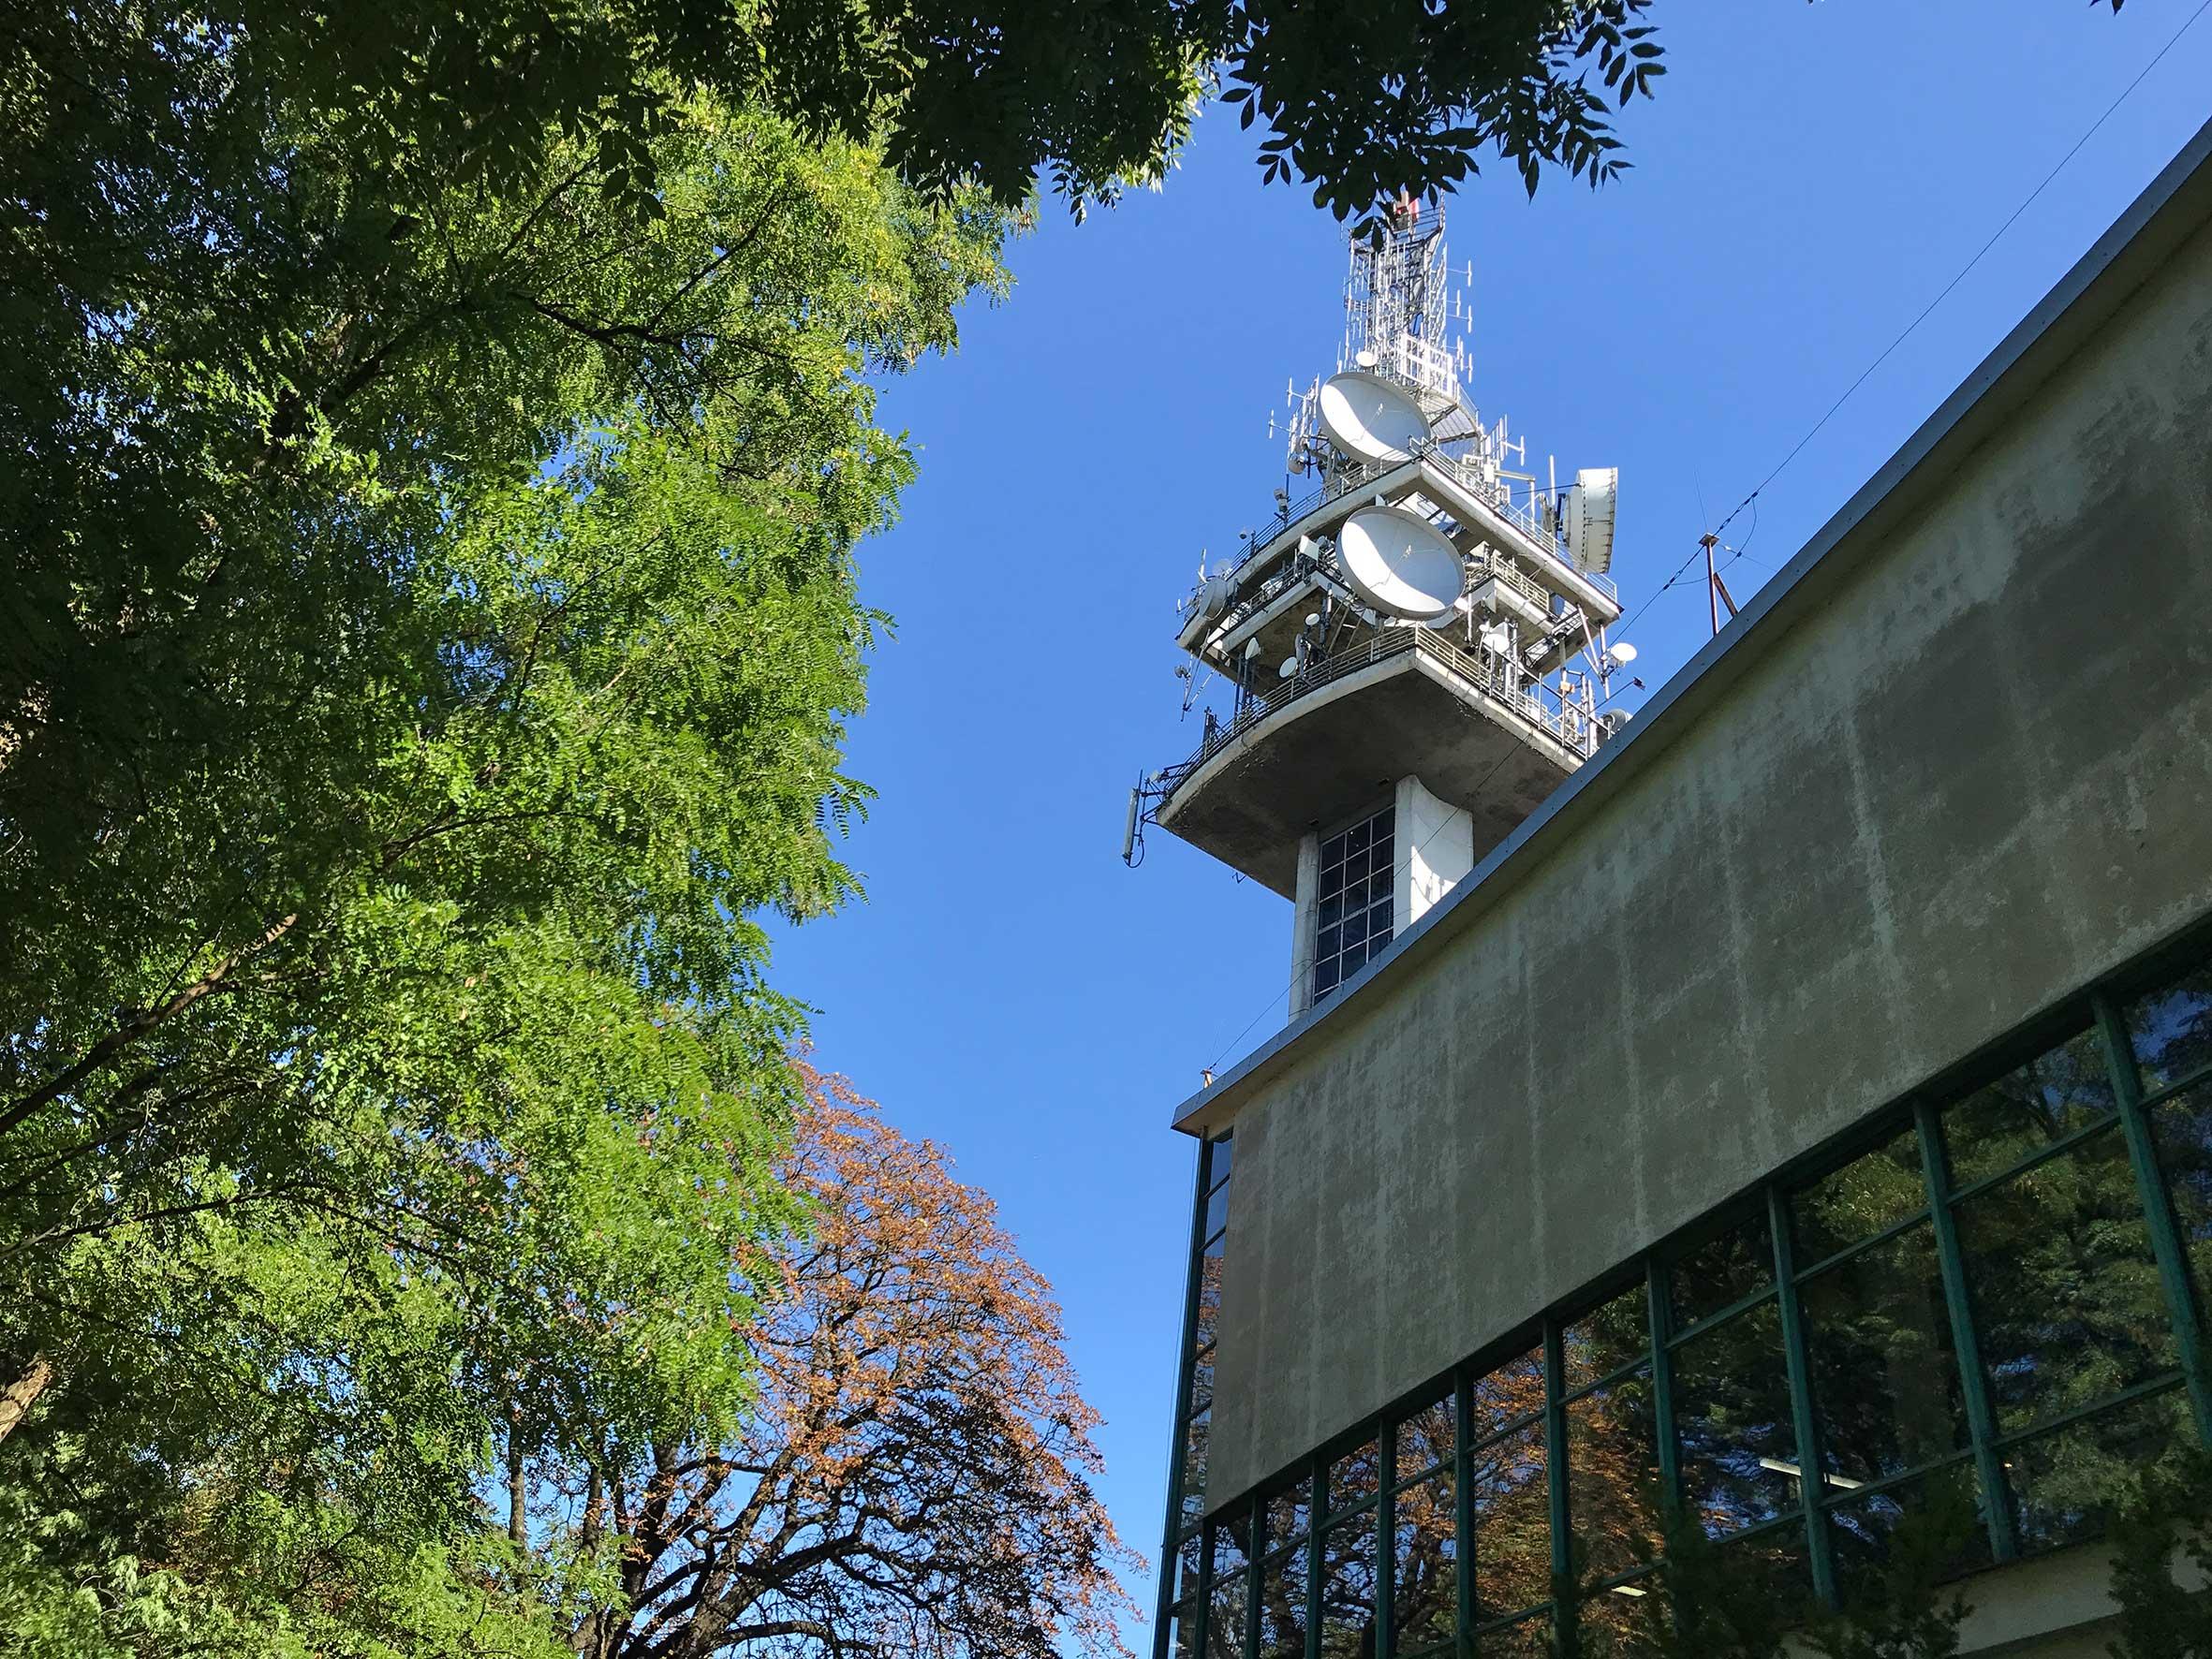 Wieża telewizyjna, charakterystyczna dla krakowskiego Podgórza - sąsiadujący z nią budynek Twardowskiej to nowa siedziba WI i miejsce wystawy Wzgórze Krzemowe